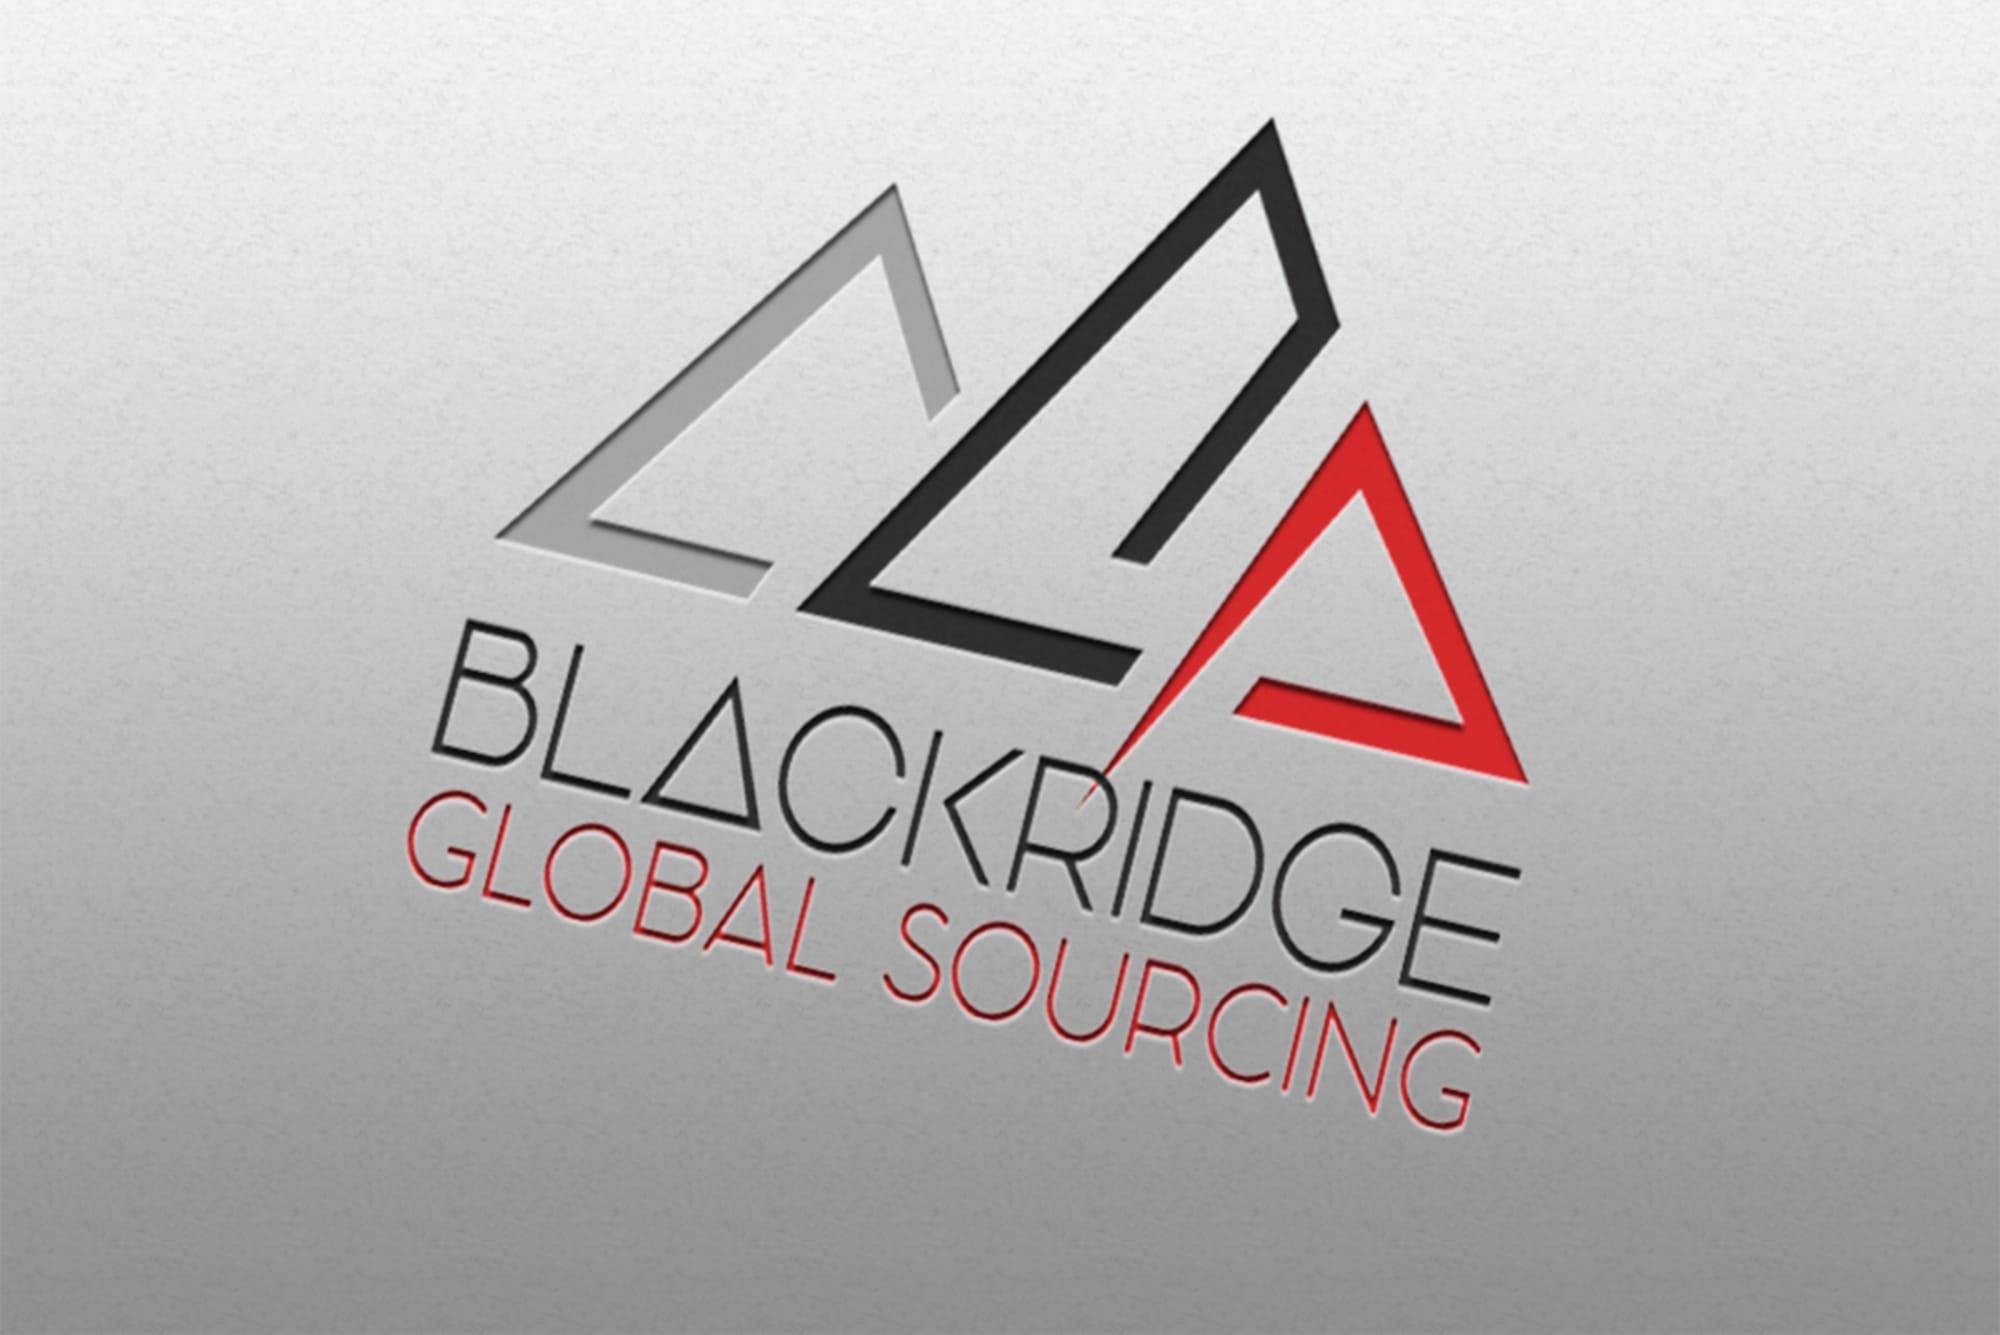 logo blackridge sbcom steven berg